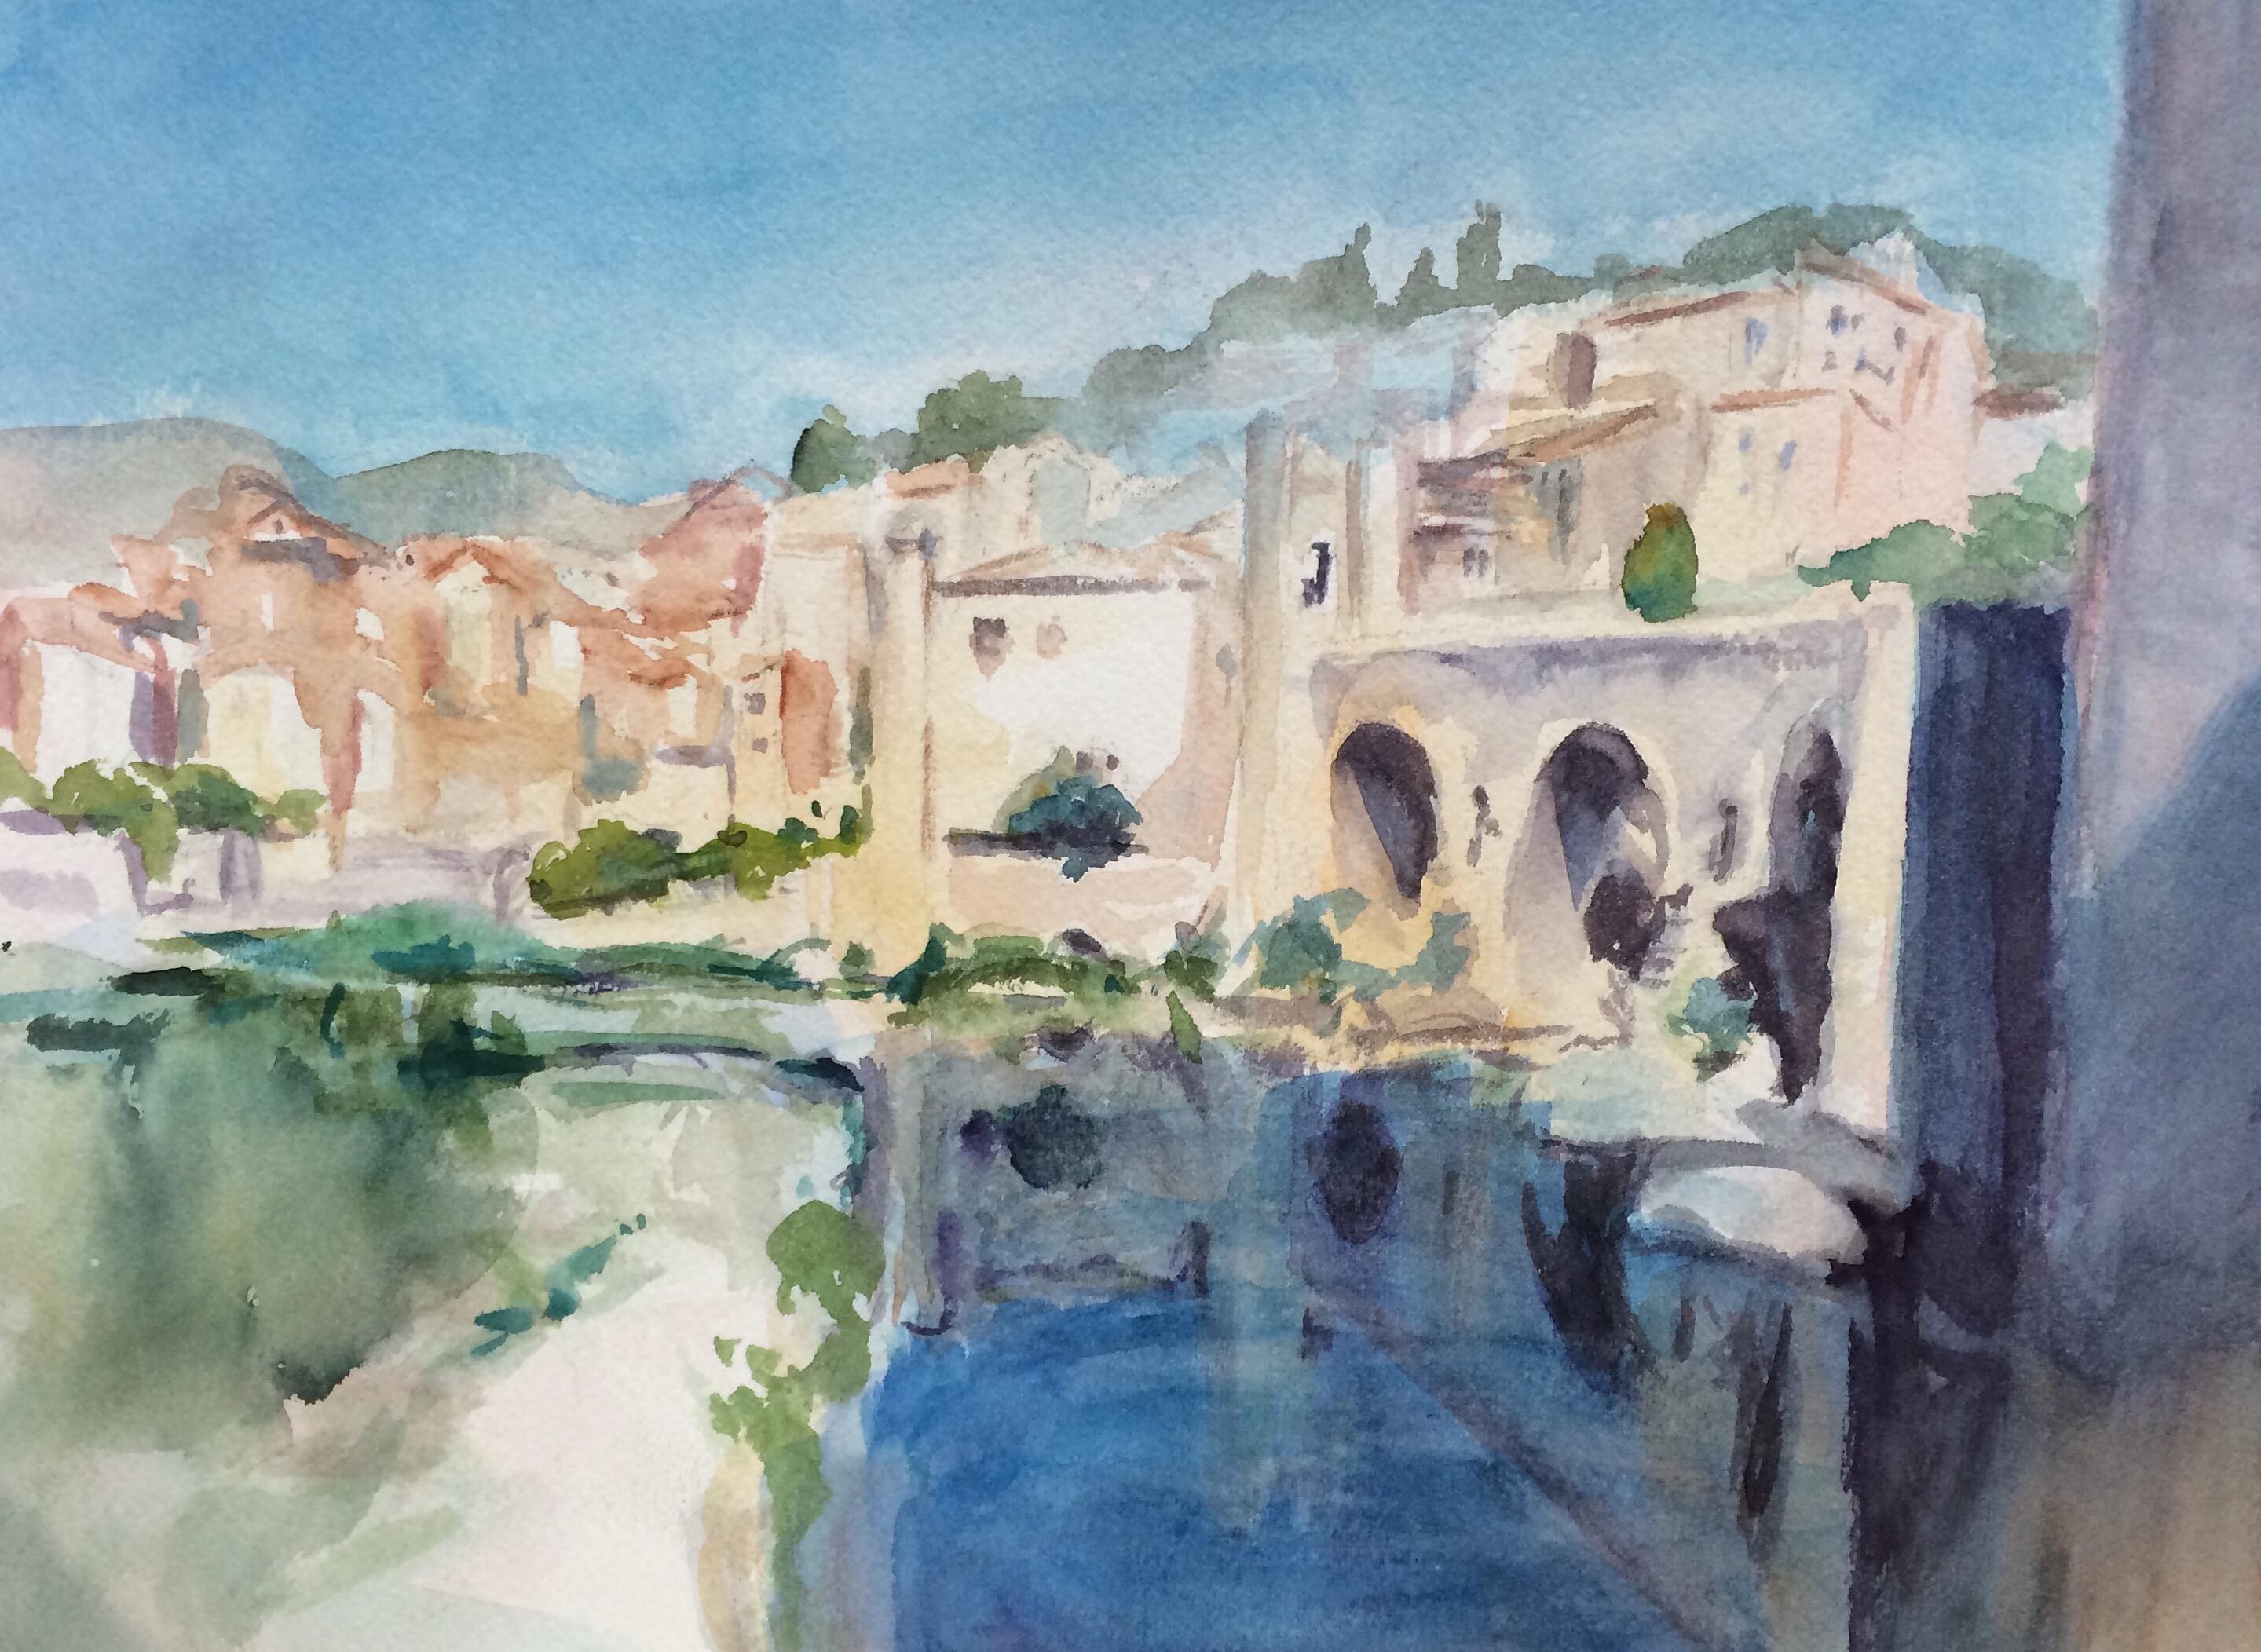 Bridge and Water, Besalu